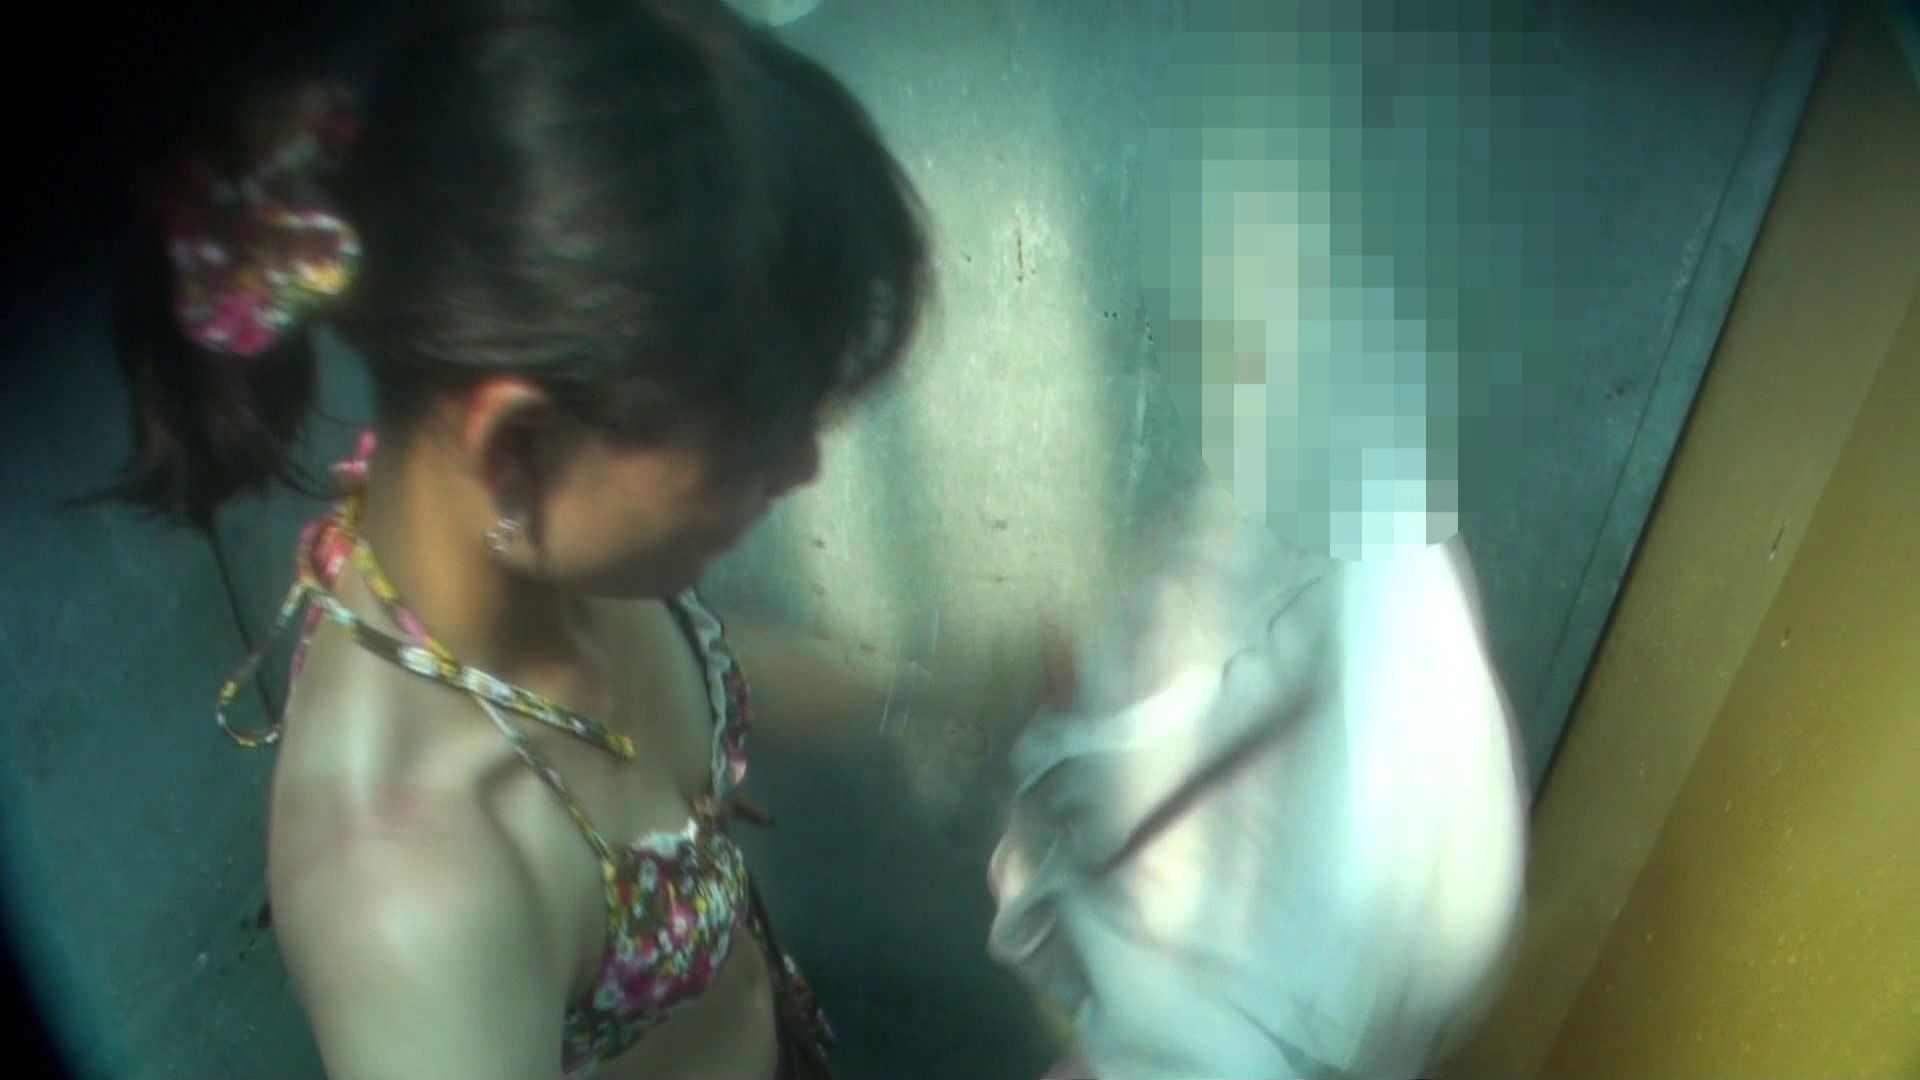 シャワールームは超!!危険な香りVol.16 意外に乳首は年増のそれ 脱衣所の着替え えろ無修正画像 105画像 98